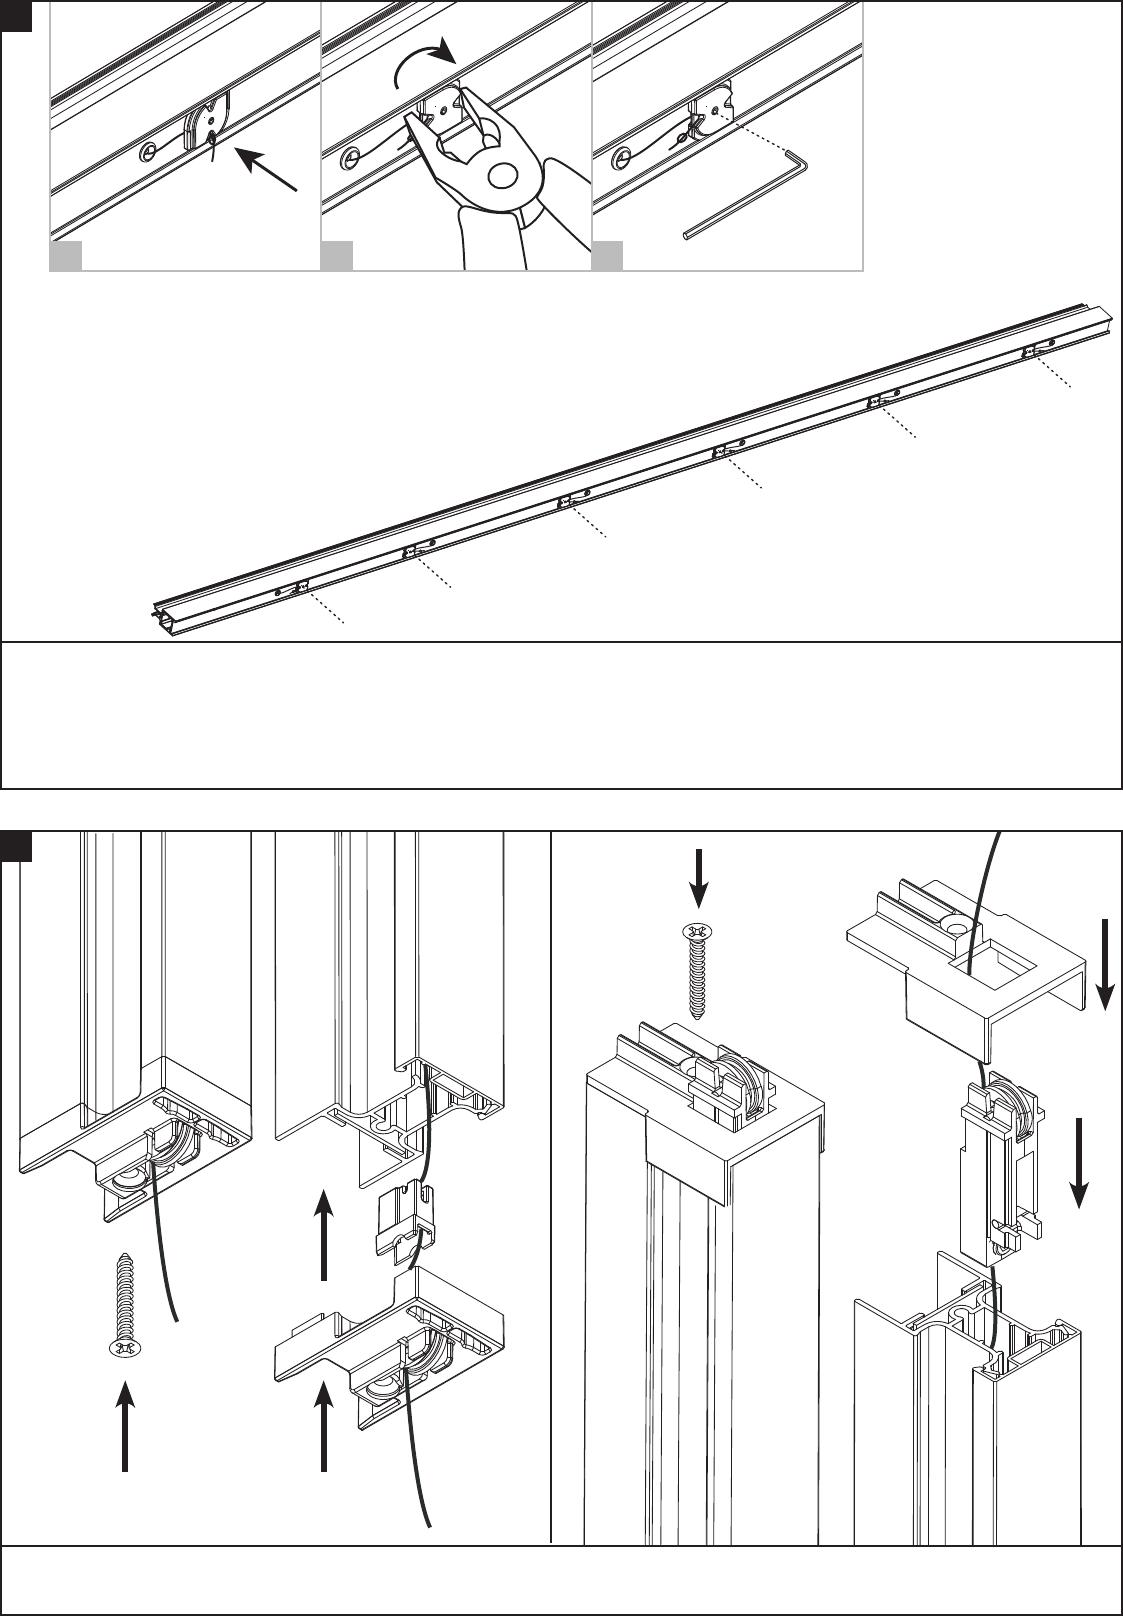 Populair Handleiding Bruynzeel 634587 S700 Plisse Hordeur (pagina 10 van 12 YG53